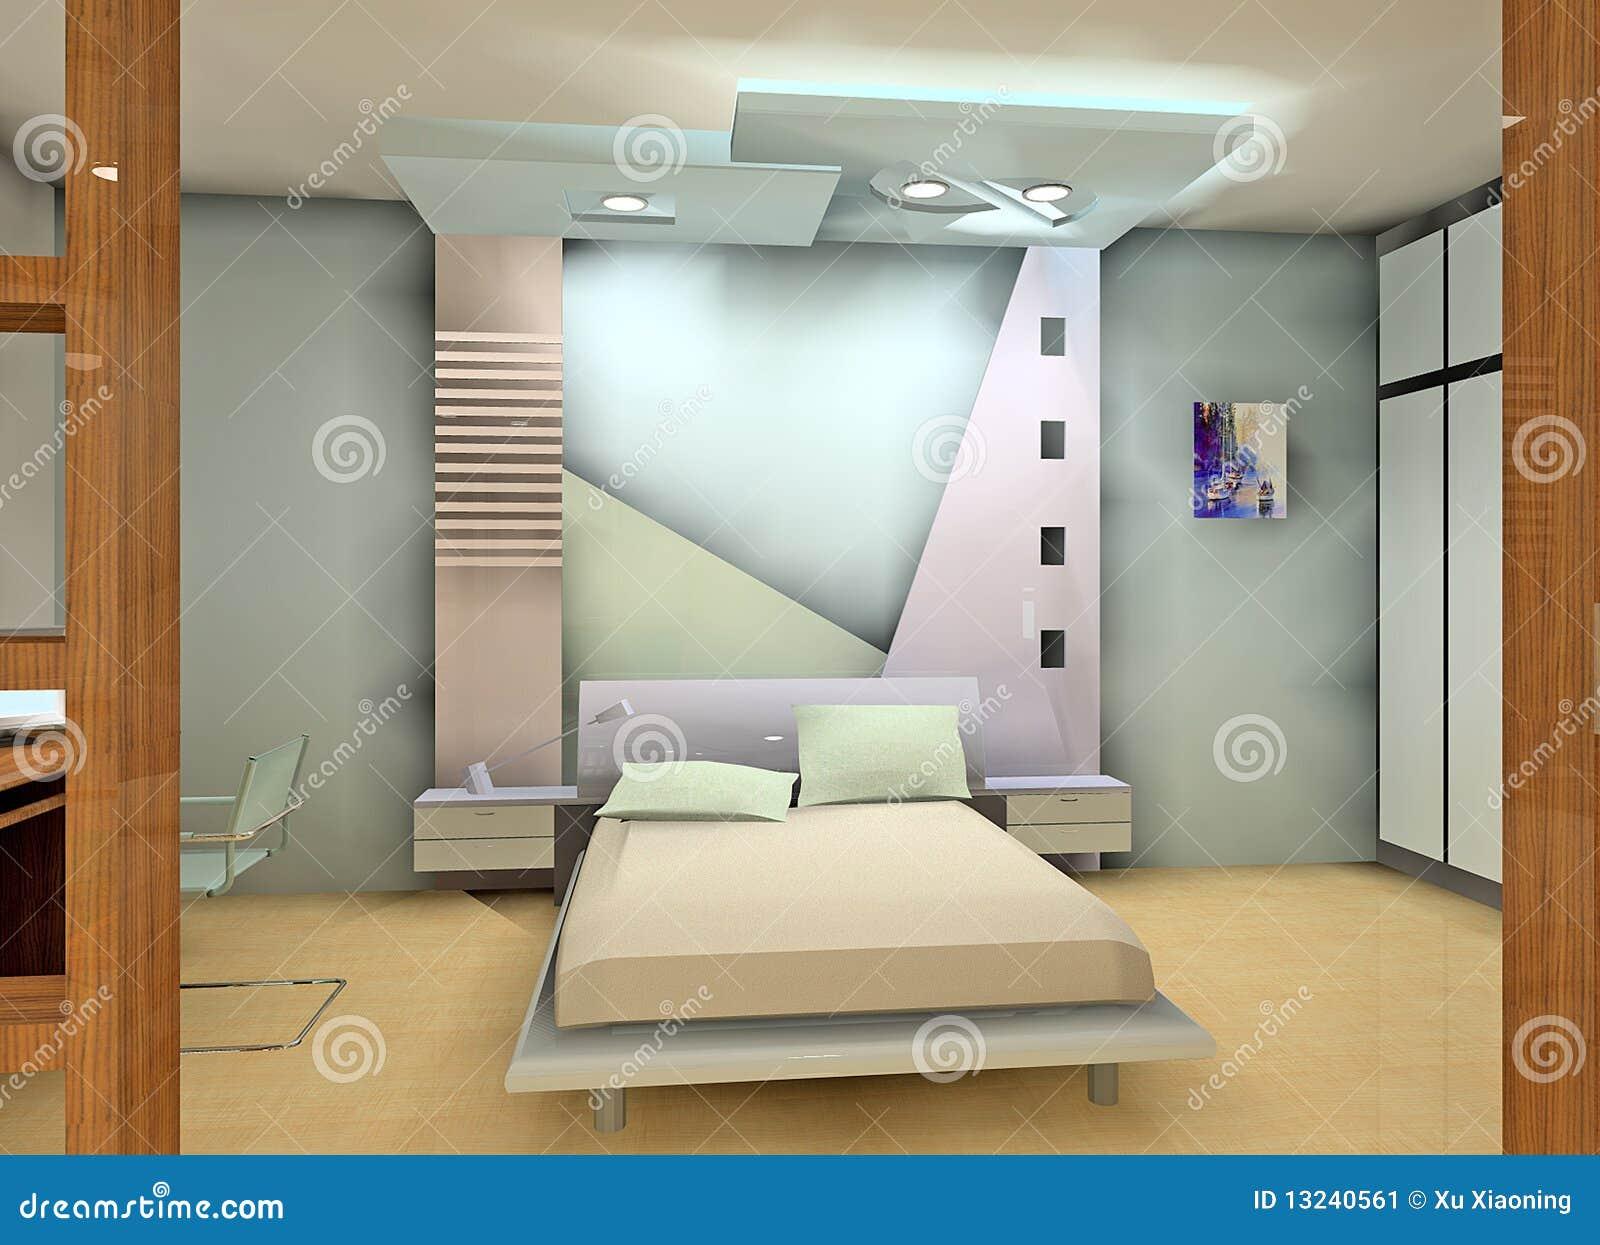 Disegno della camera da letto illustrazione di stock immagine 13240561 - I segreti della camera da letto ...